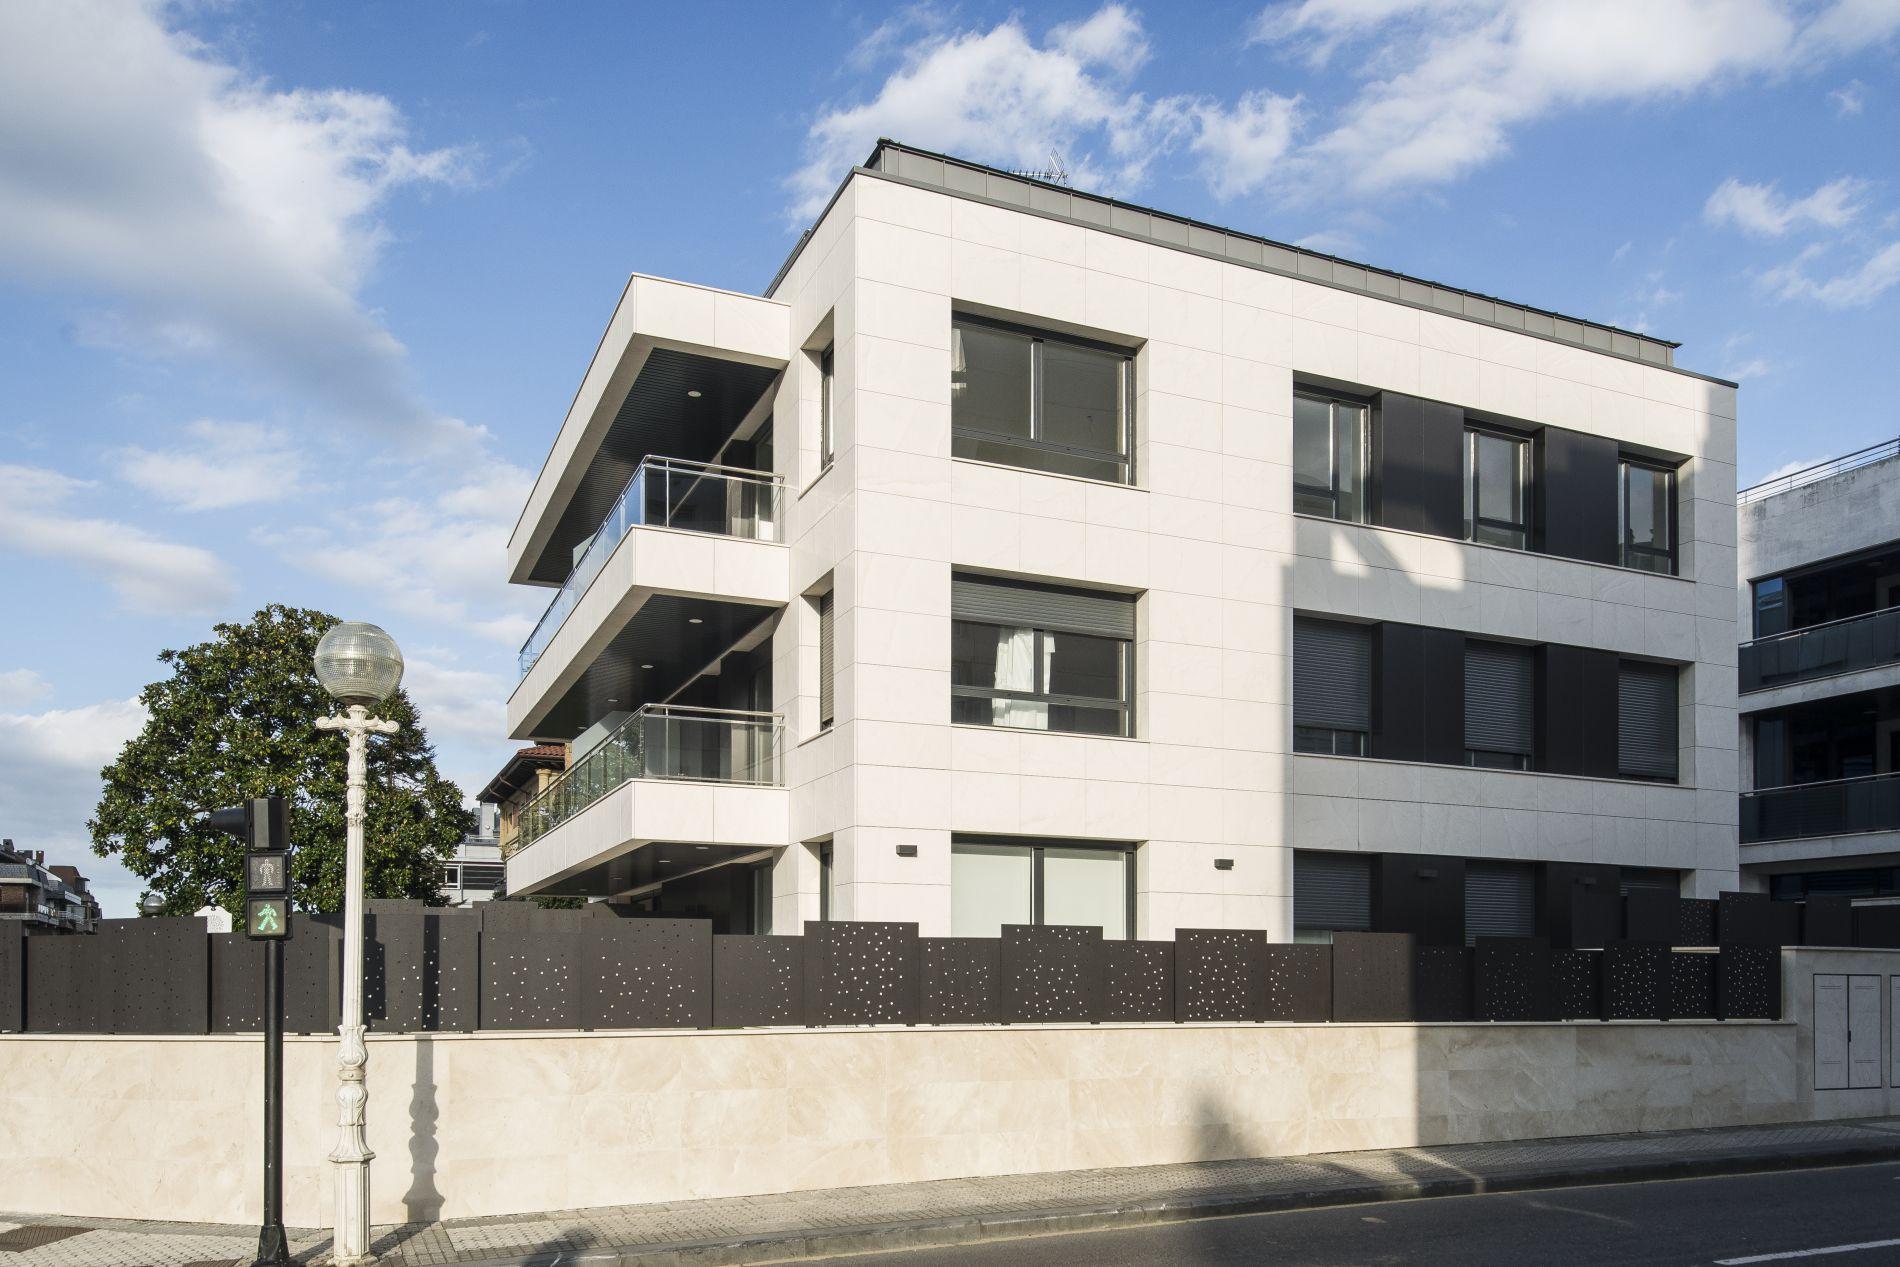 Fiark - 6 viviendas en Infanta Cristina 17 5